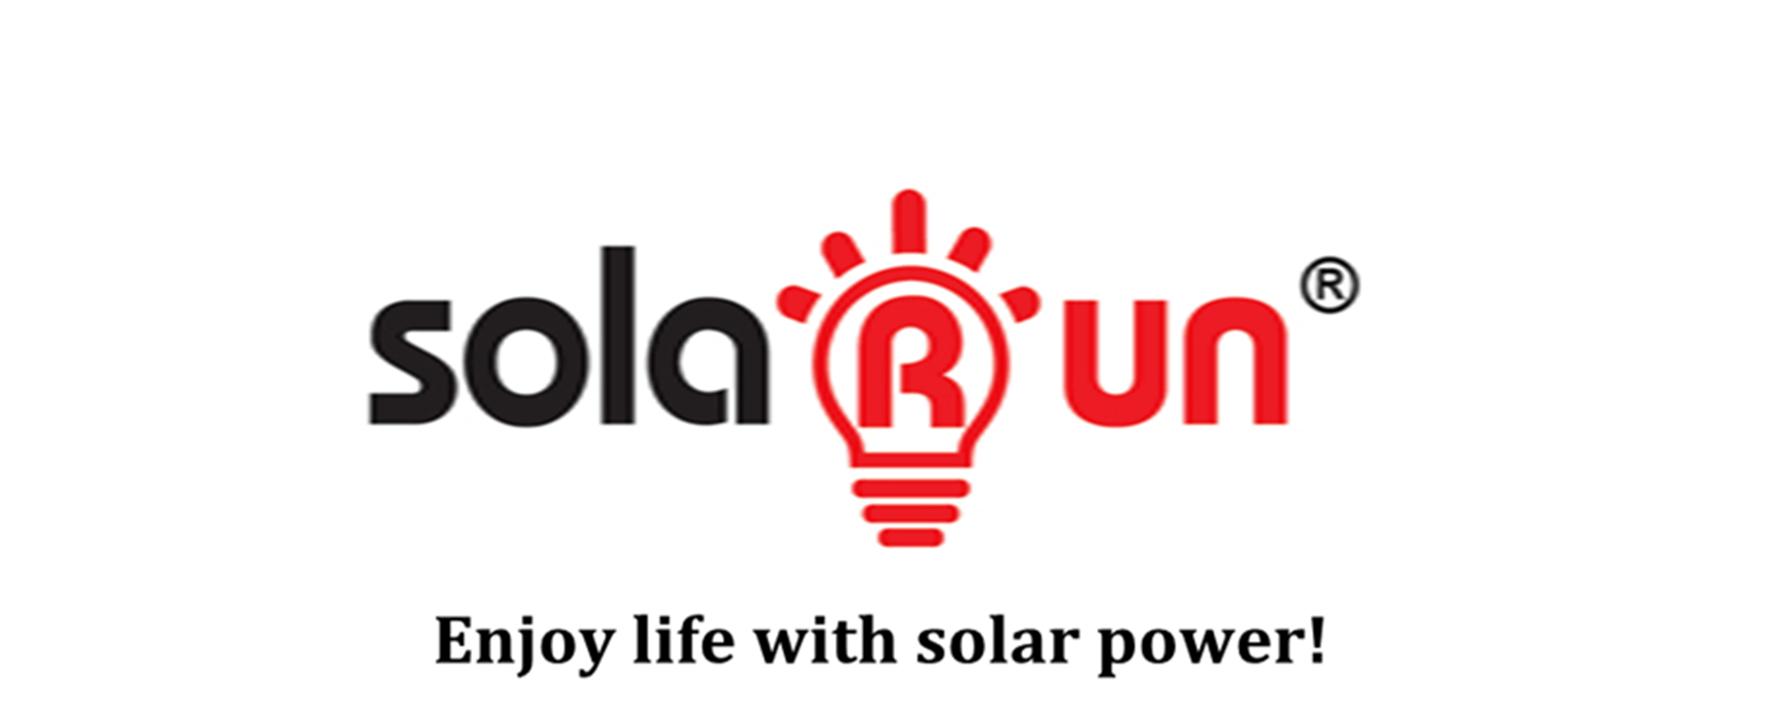 Pay As You Go Home Solar Energy System,Solar Run Energy Co.,Ltd